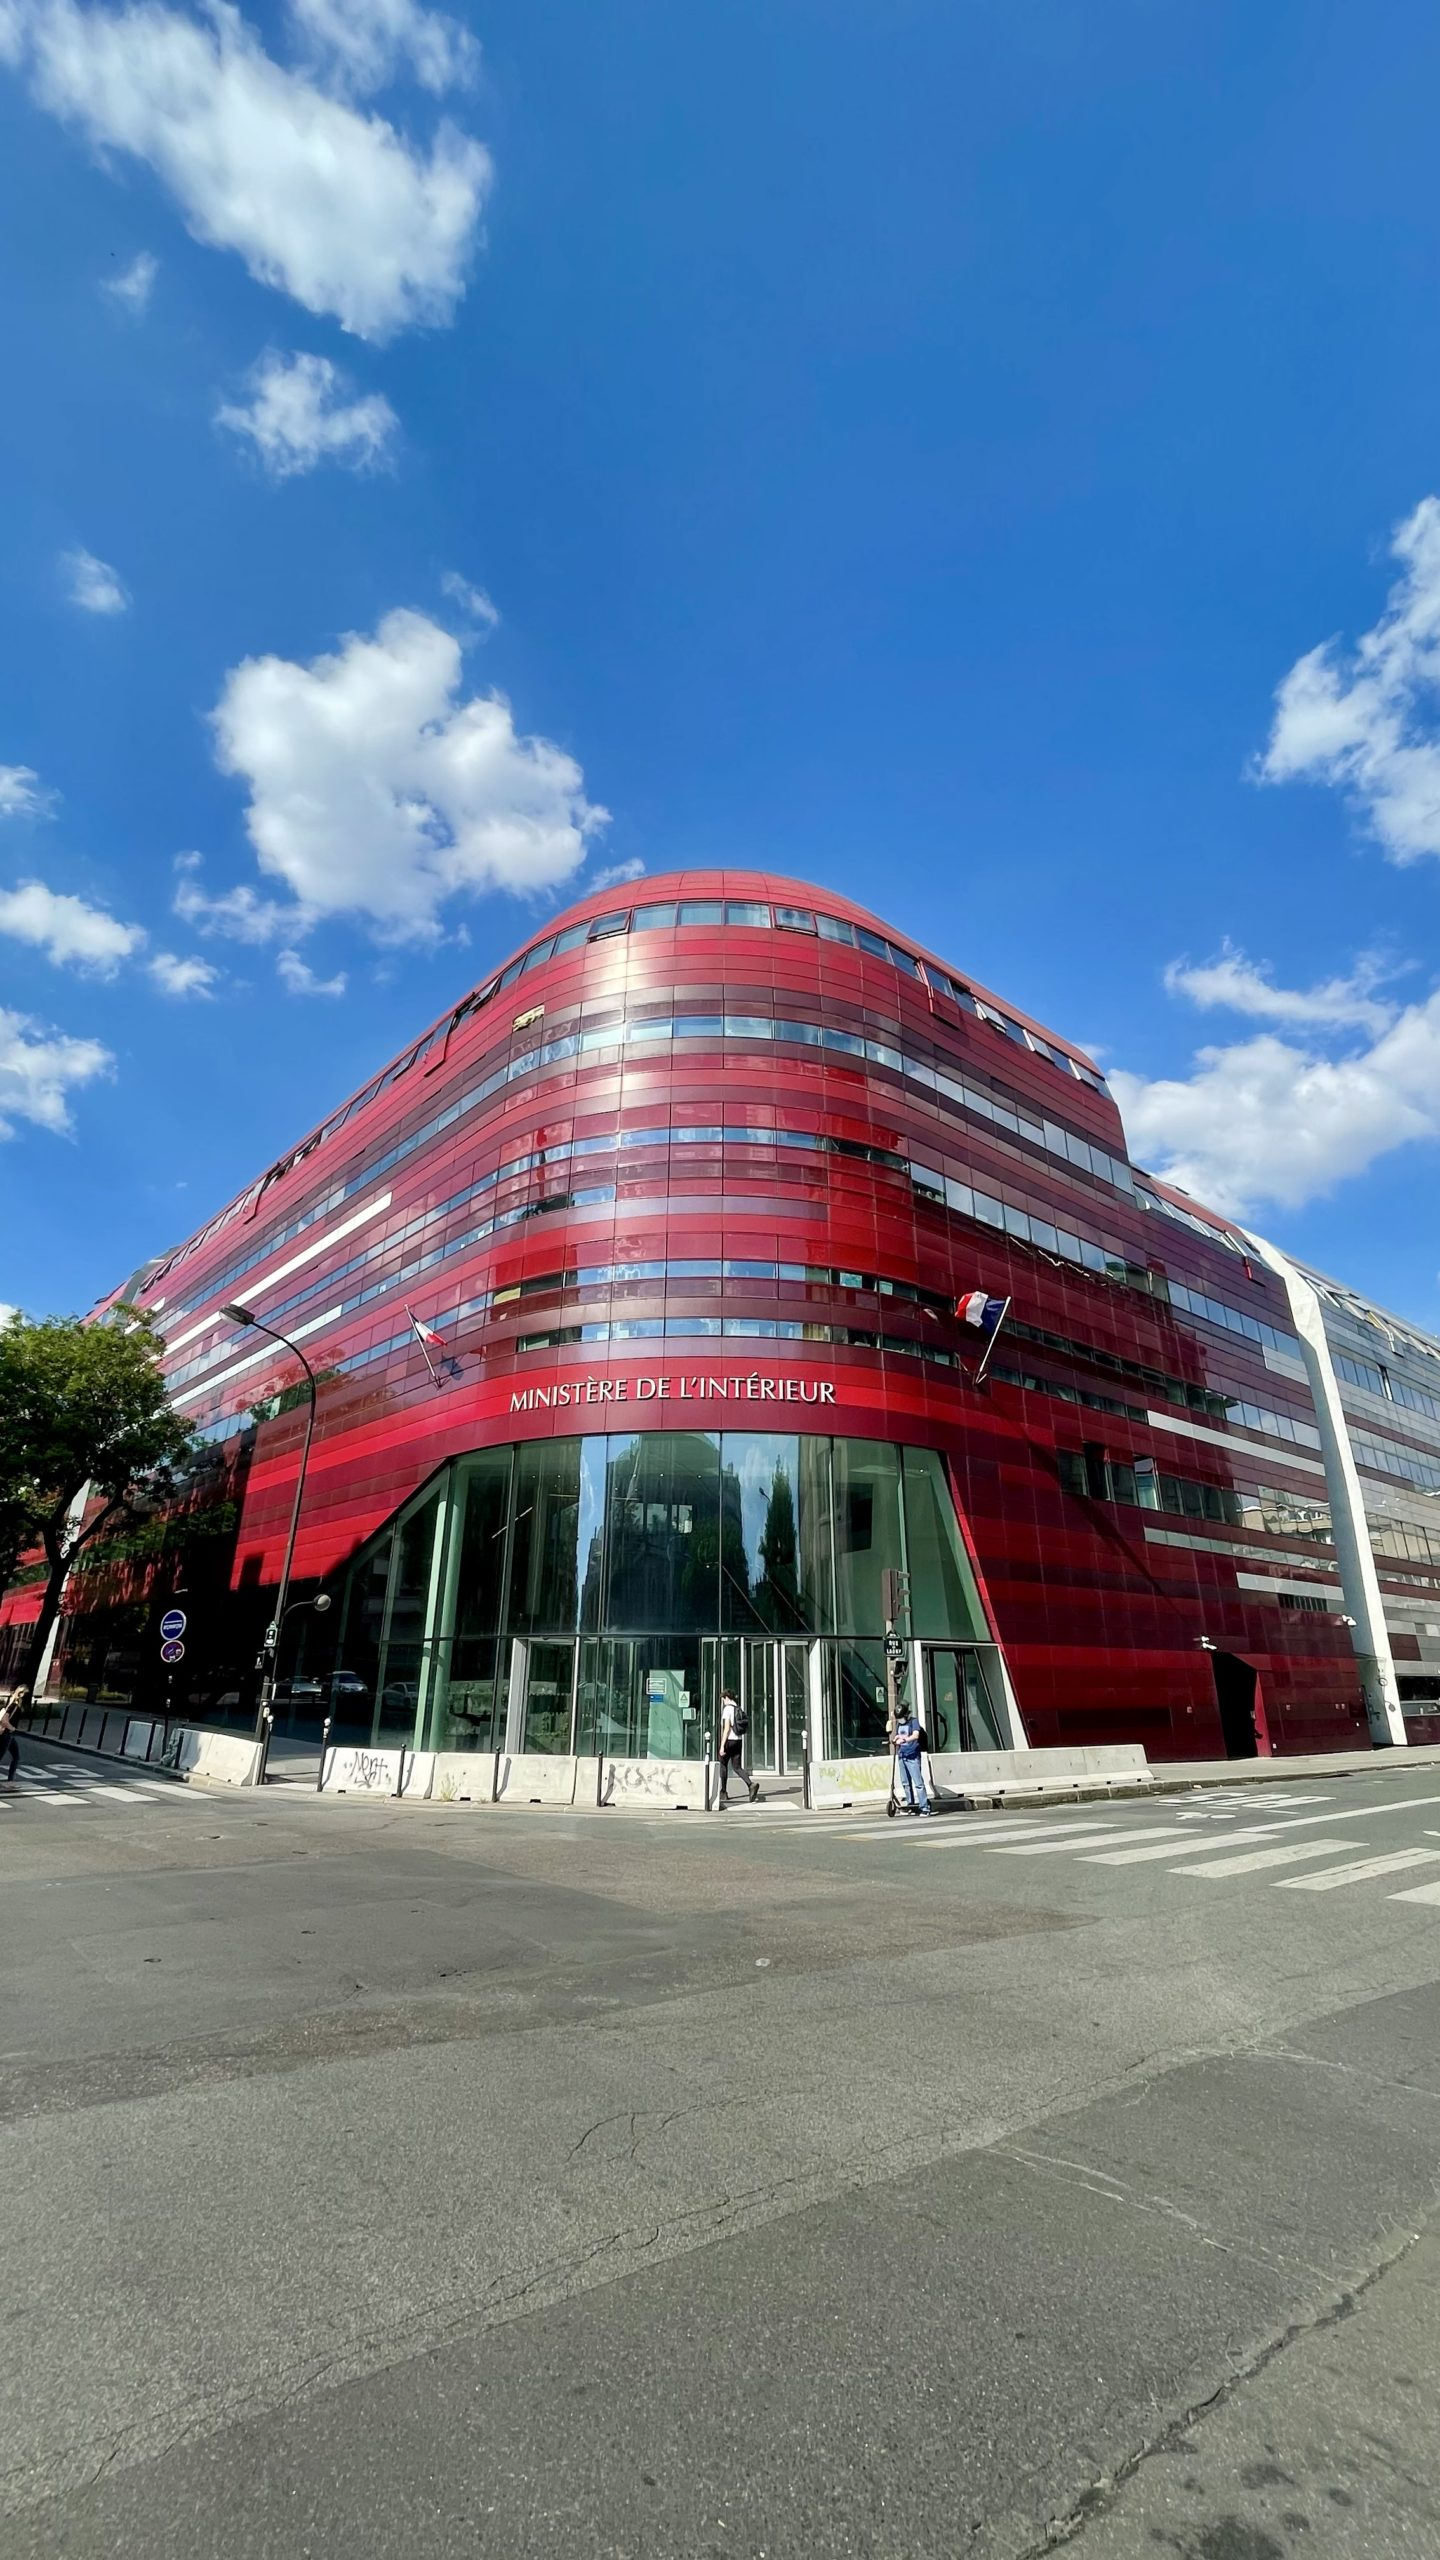 Immeuble Le Garance (rue des Pyrénées) : le très/trop design ministère de l'Intérieur